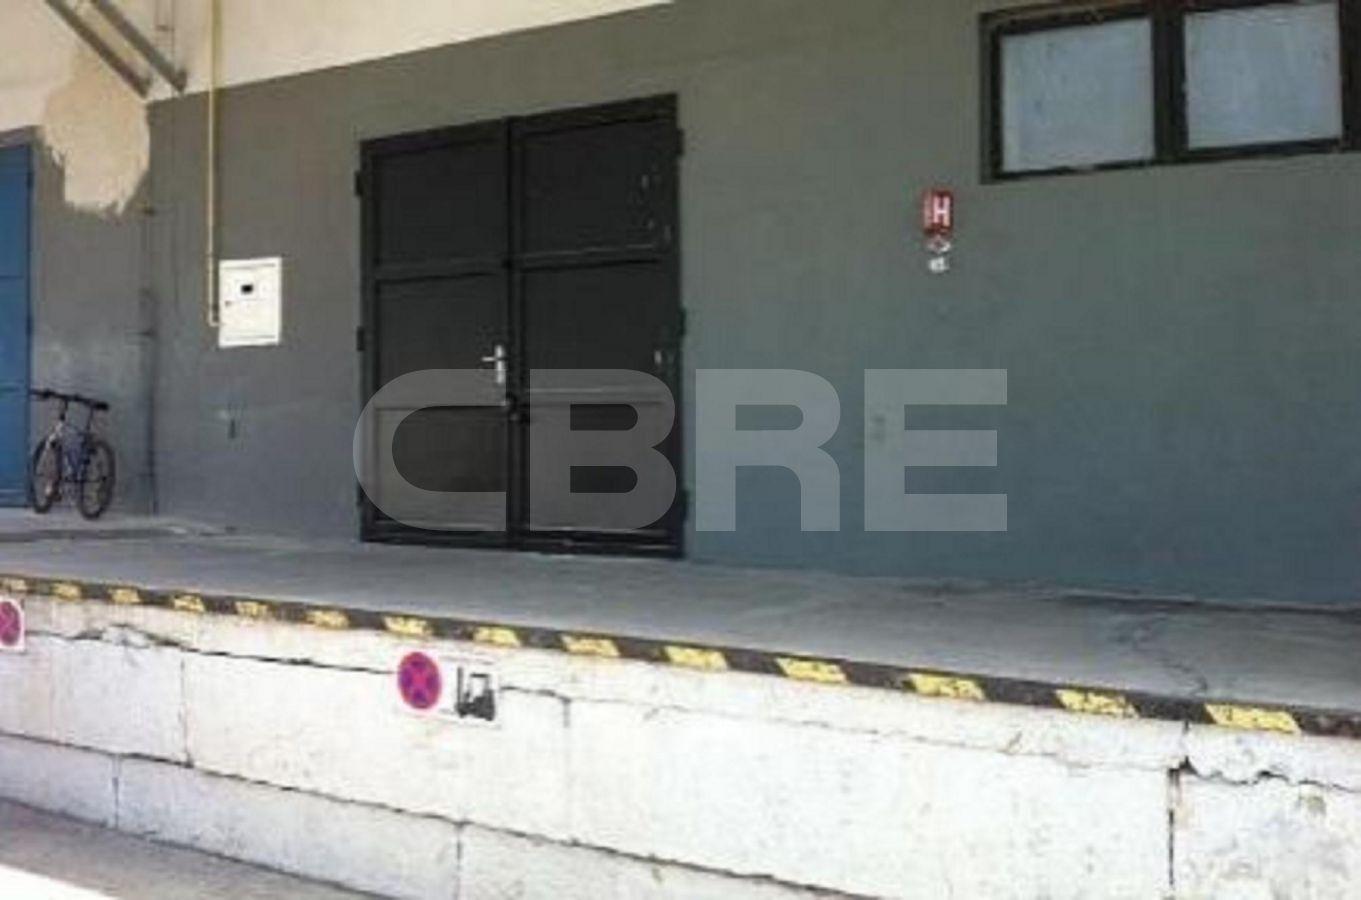 Na pantoch, Bratislava III. - 733 m2, Bratislavský kraj, Bratislava | Prenájom a predaj skladov a výrobných hál od CBRE | 1